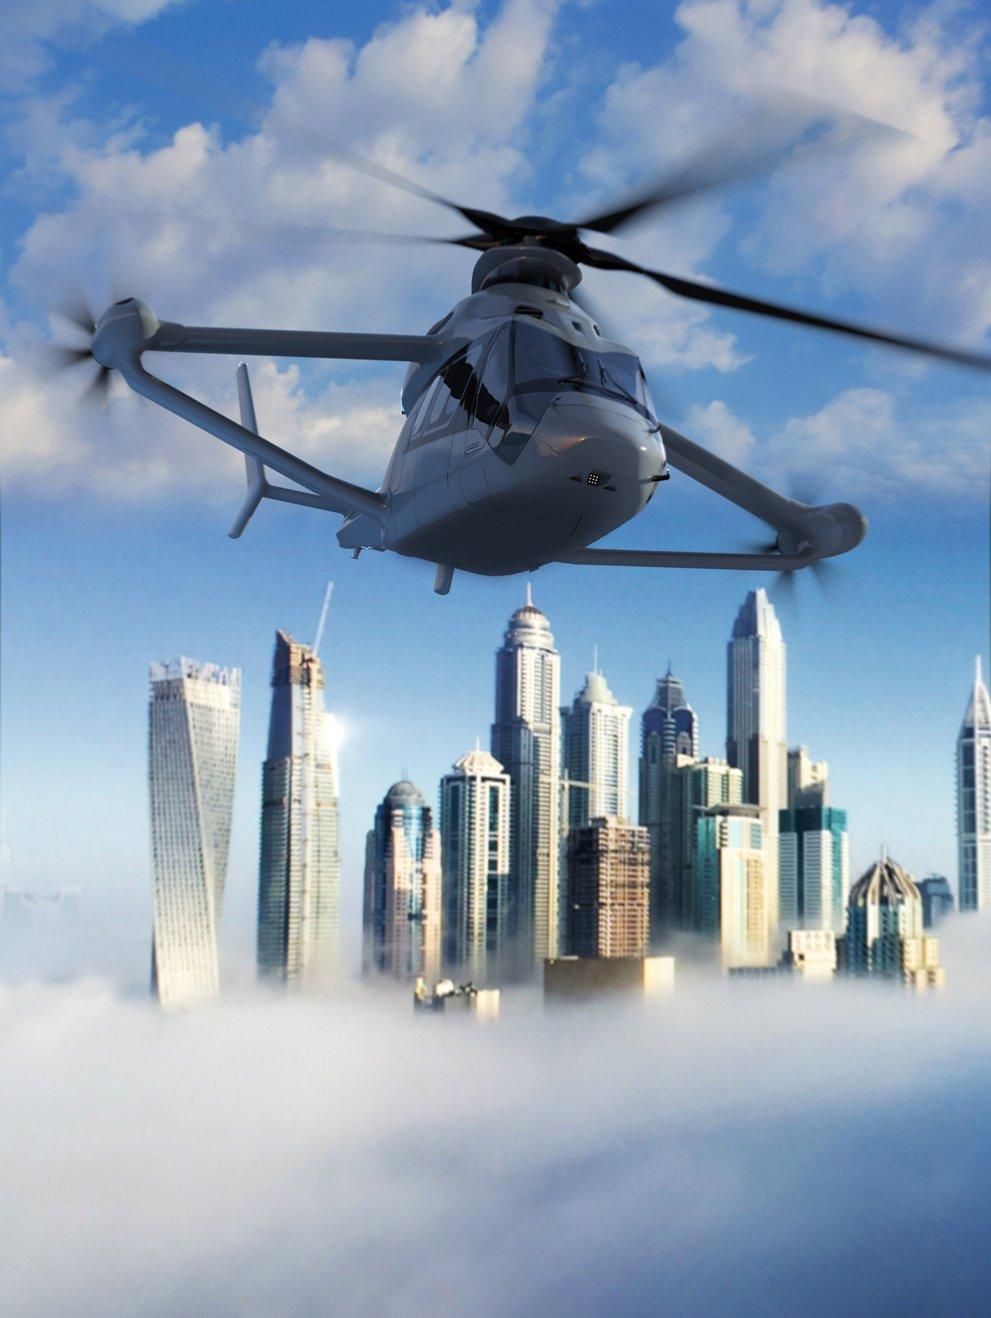 Racer elicottero Airbus Render di una visualizzazione frontale Credits: Airbus